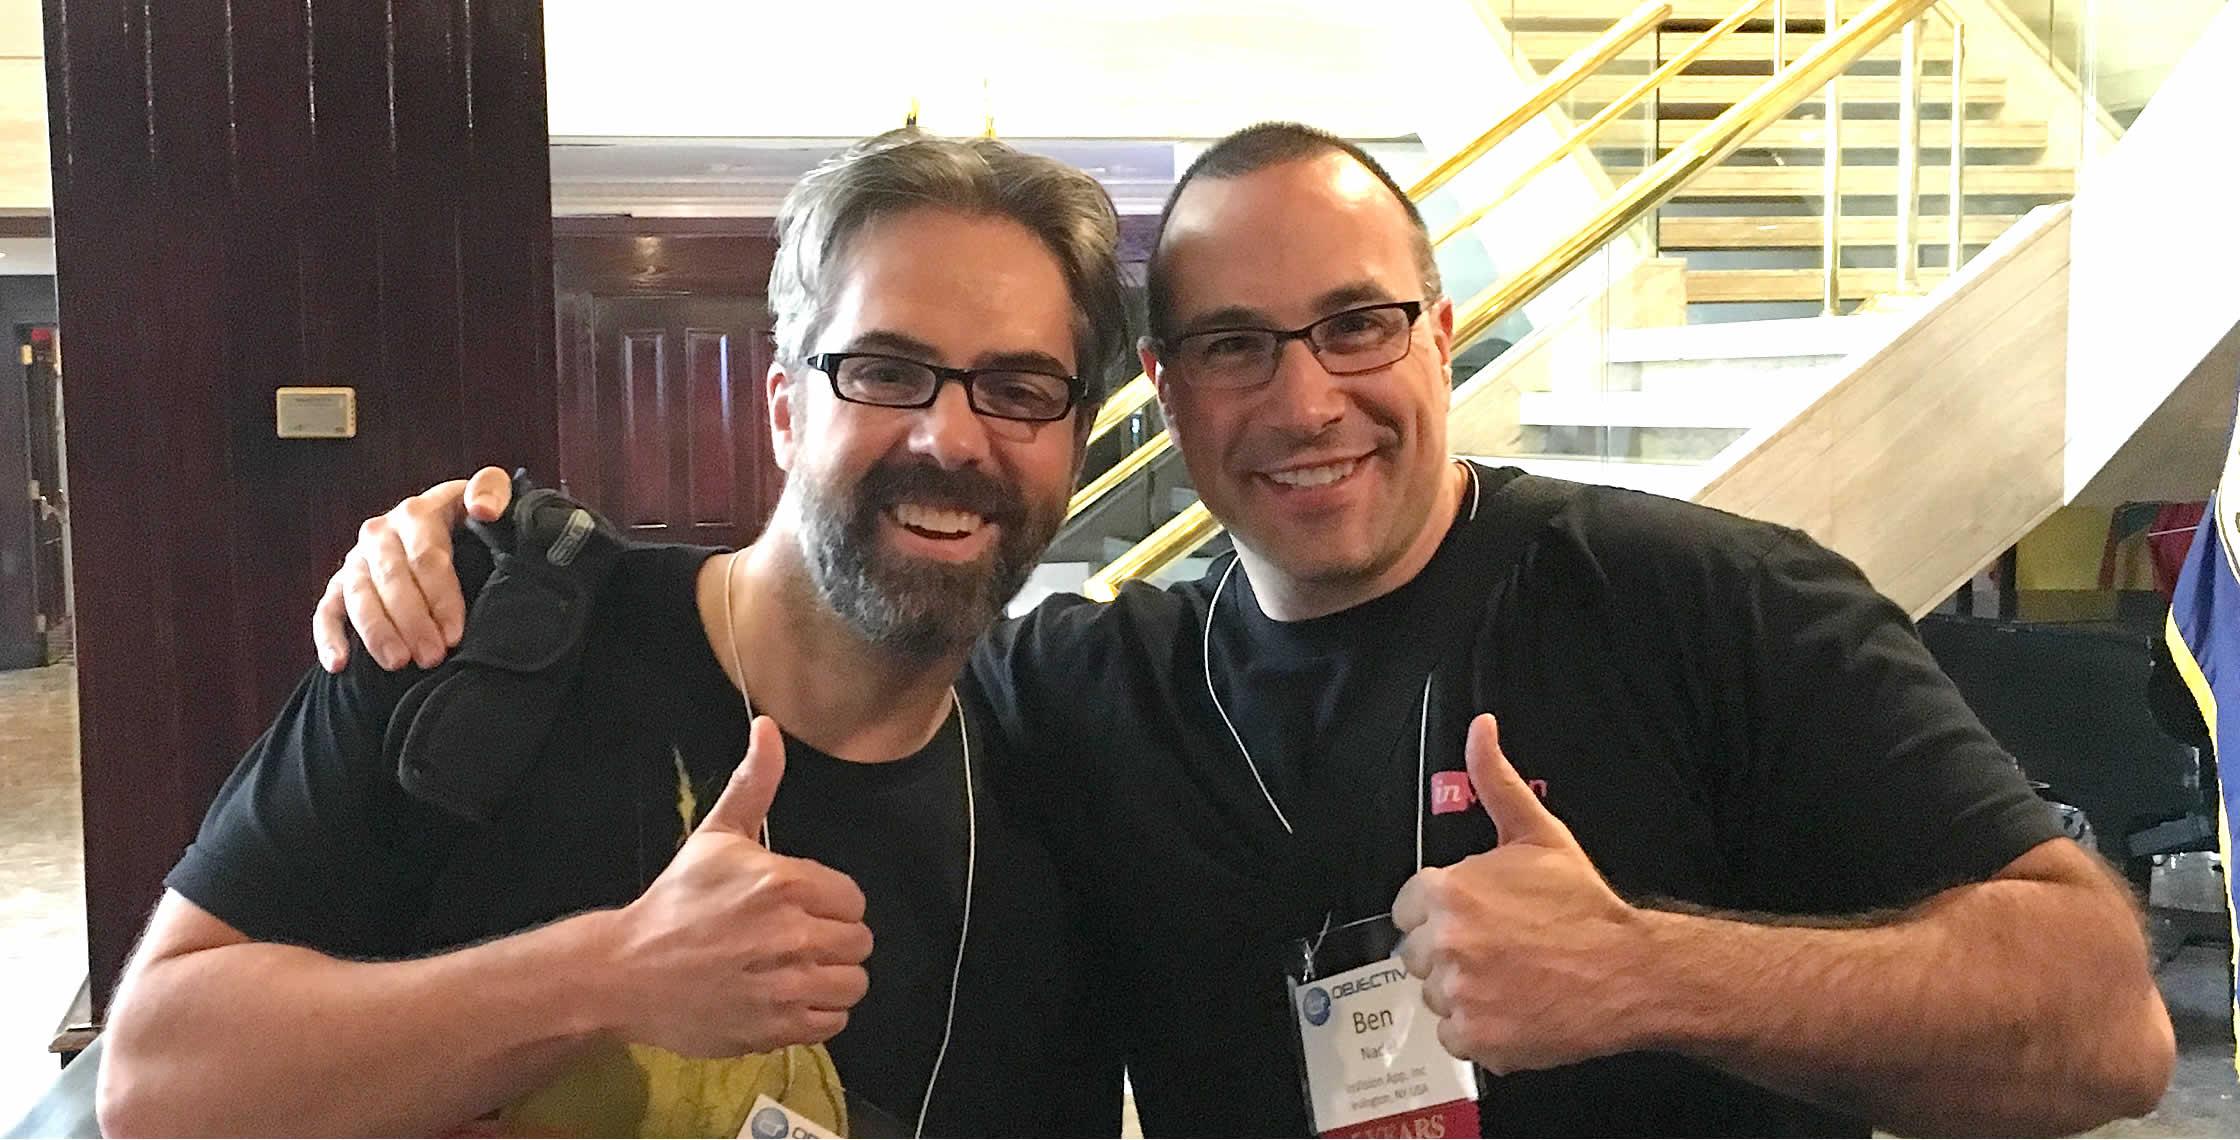 Ben Nadel at cf.Objective() 2017 (Washington, D.C.) with: David Colvin